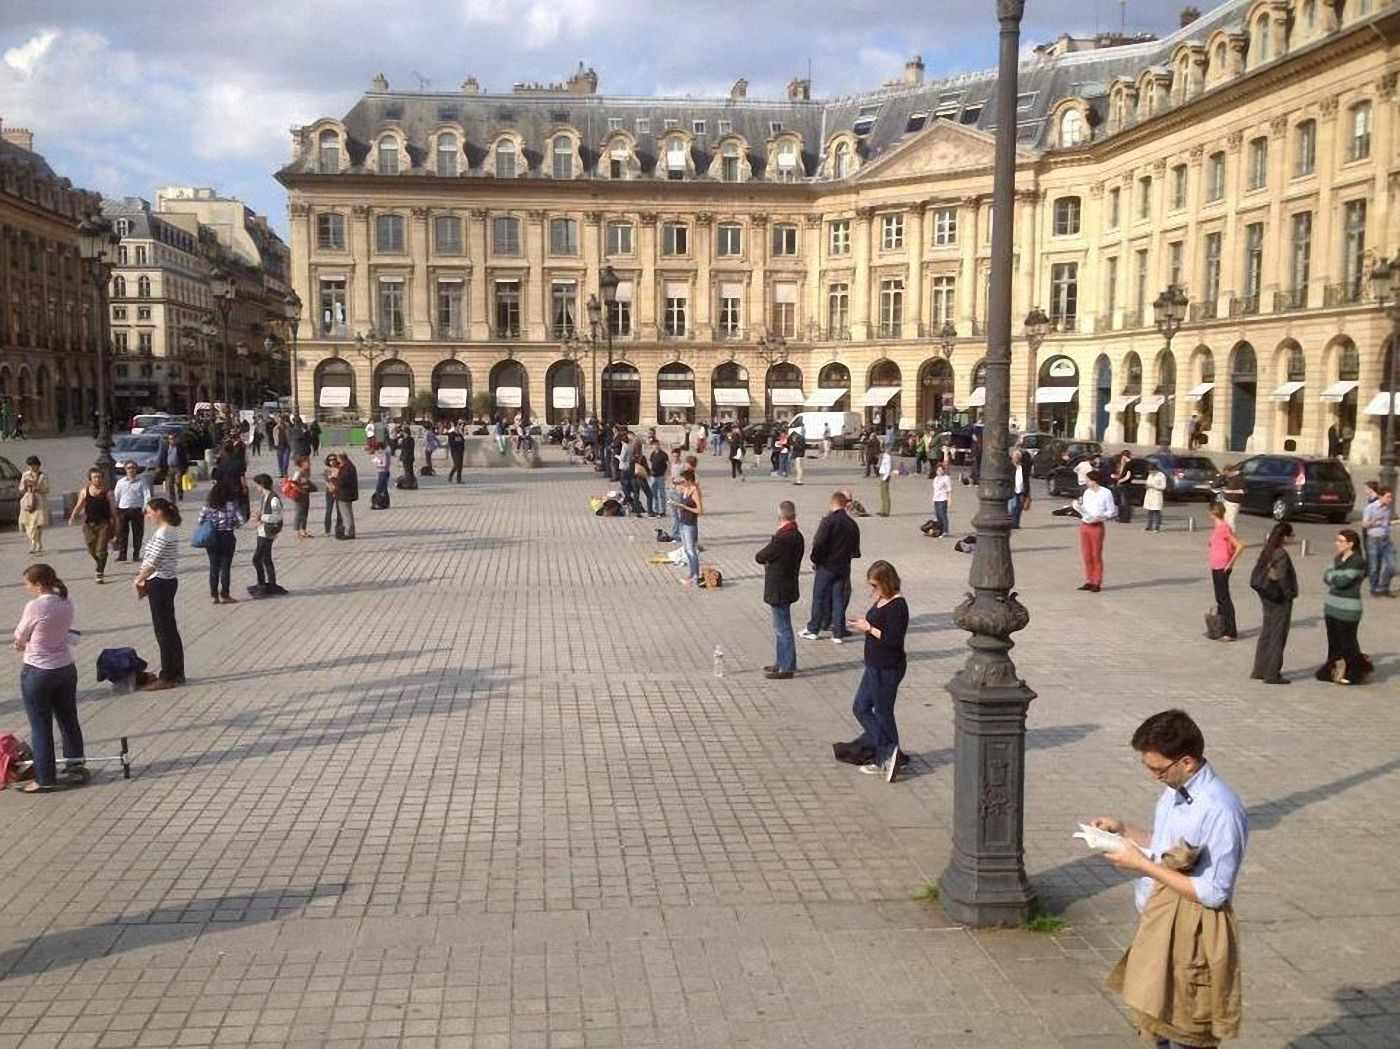 """'Veilleurs debout' na Place Vendôme diante do Ministério da Justiça, de Mme Taubira,  promotora da lei de """"casamento igualitário"""" ou """"casamento homossexual"""""""